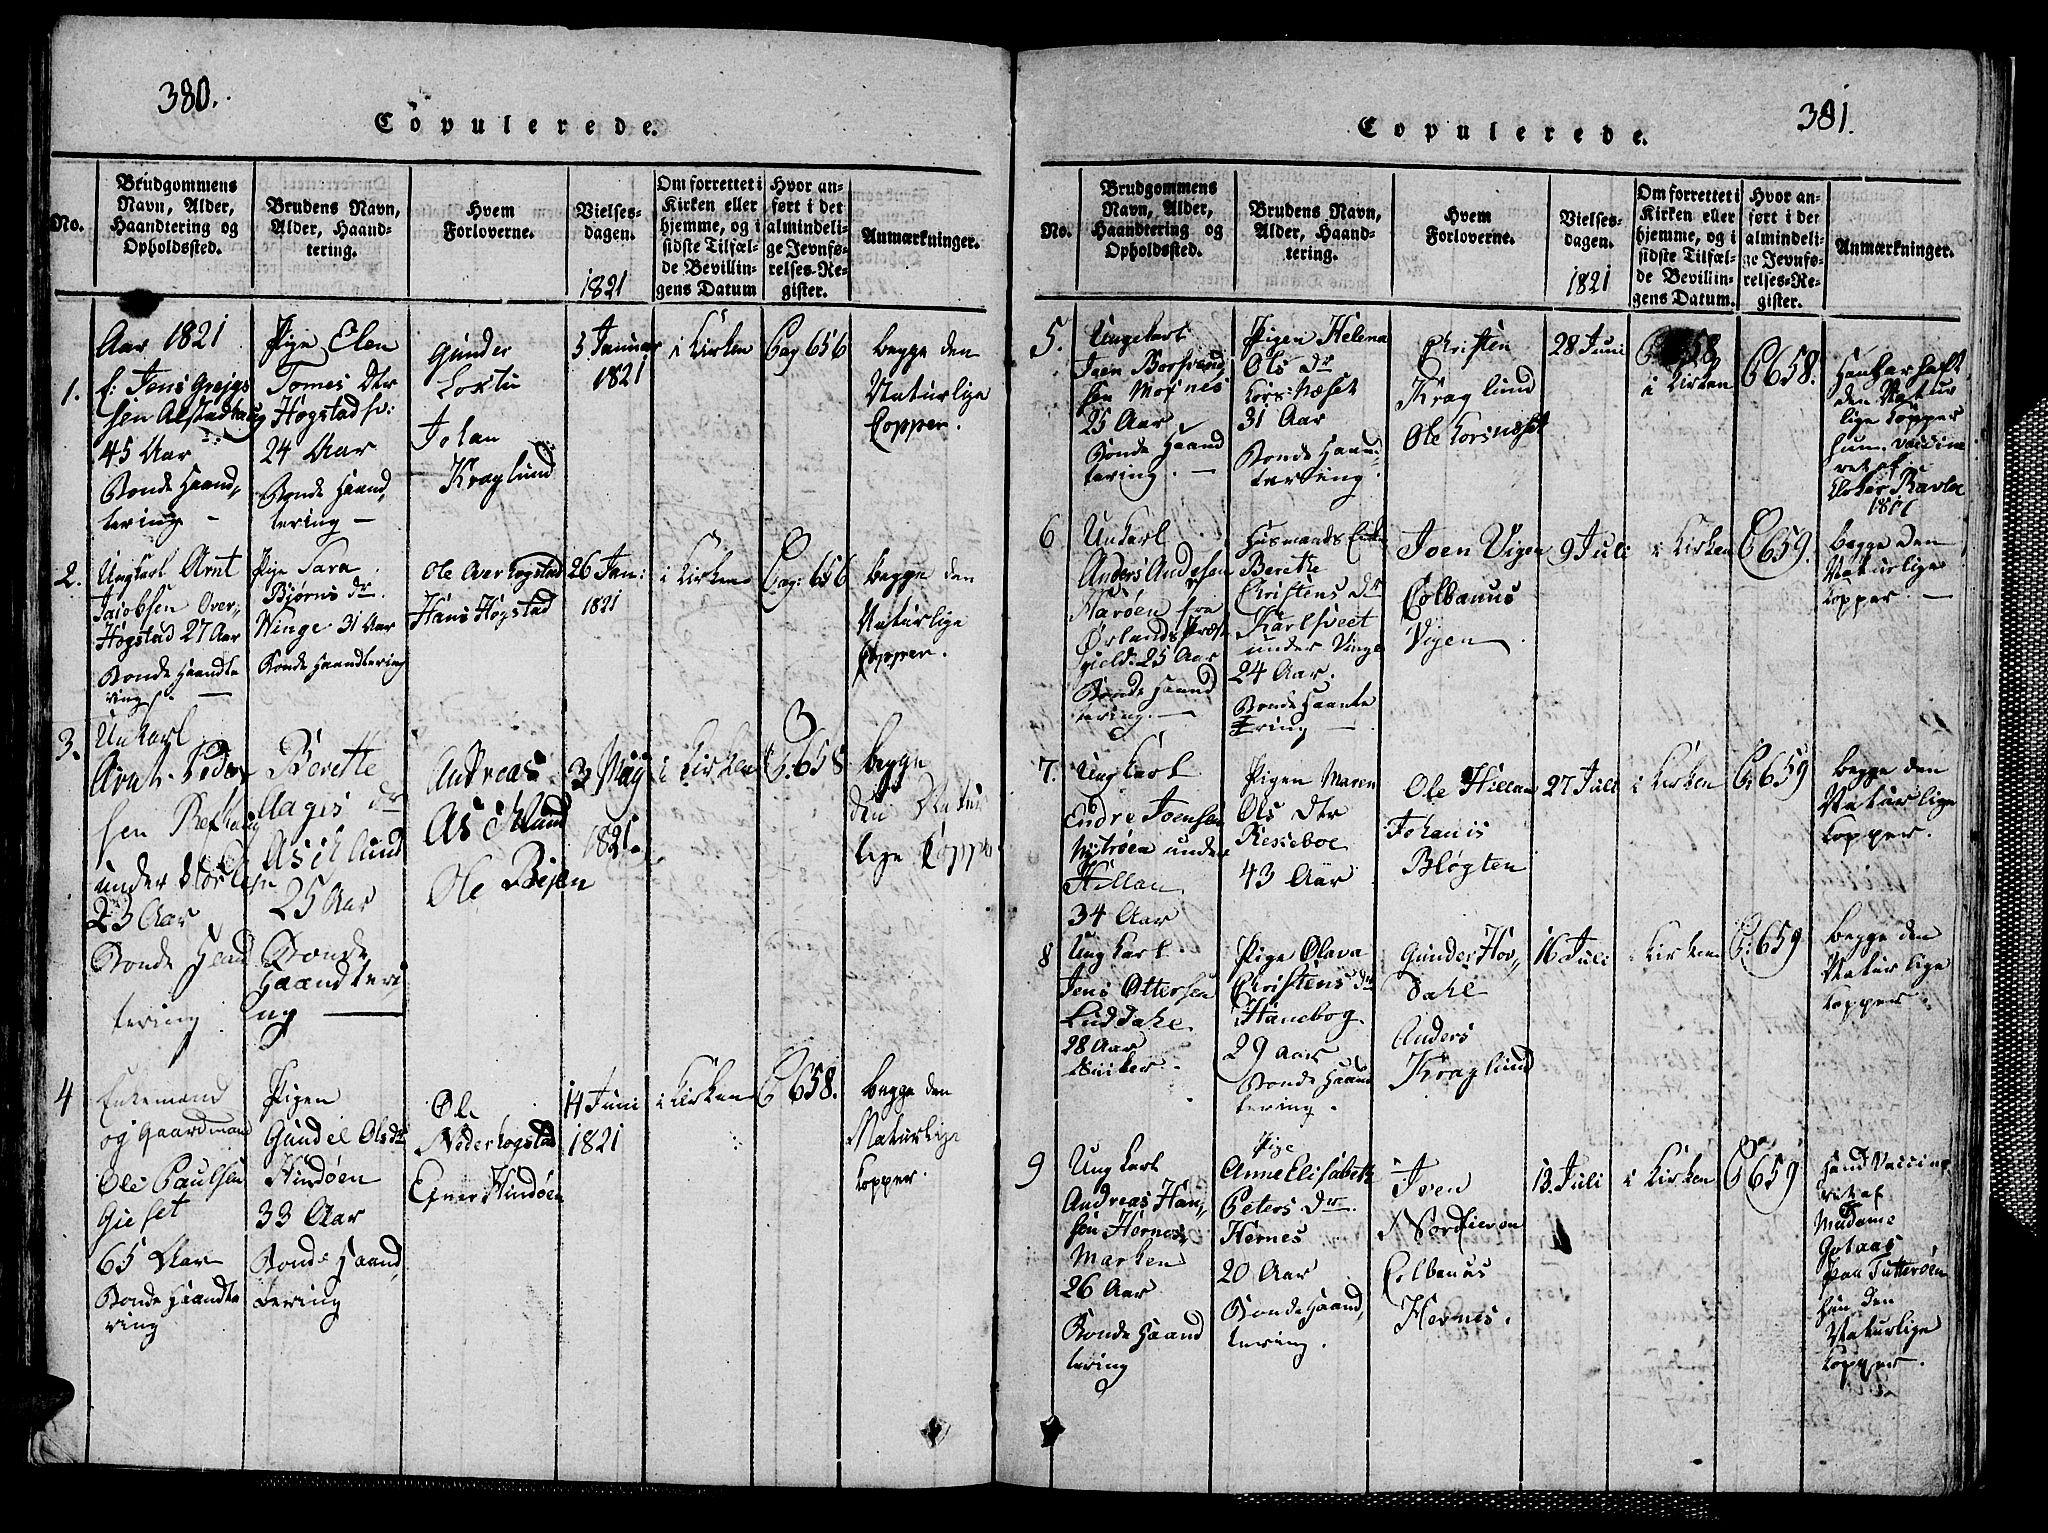 SAT, Ministerialprotokoller, klokkerbøker og fødselsregistre - Nord-Trøndelag, 713/L0124: Klokkerbok nr. 713C01, 1817-1827, s. 380-381